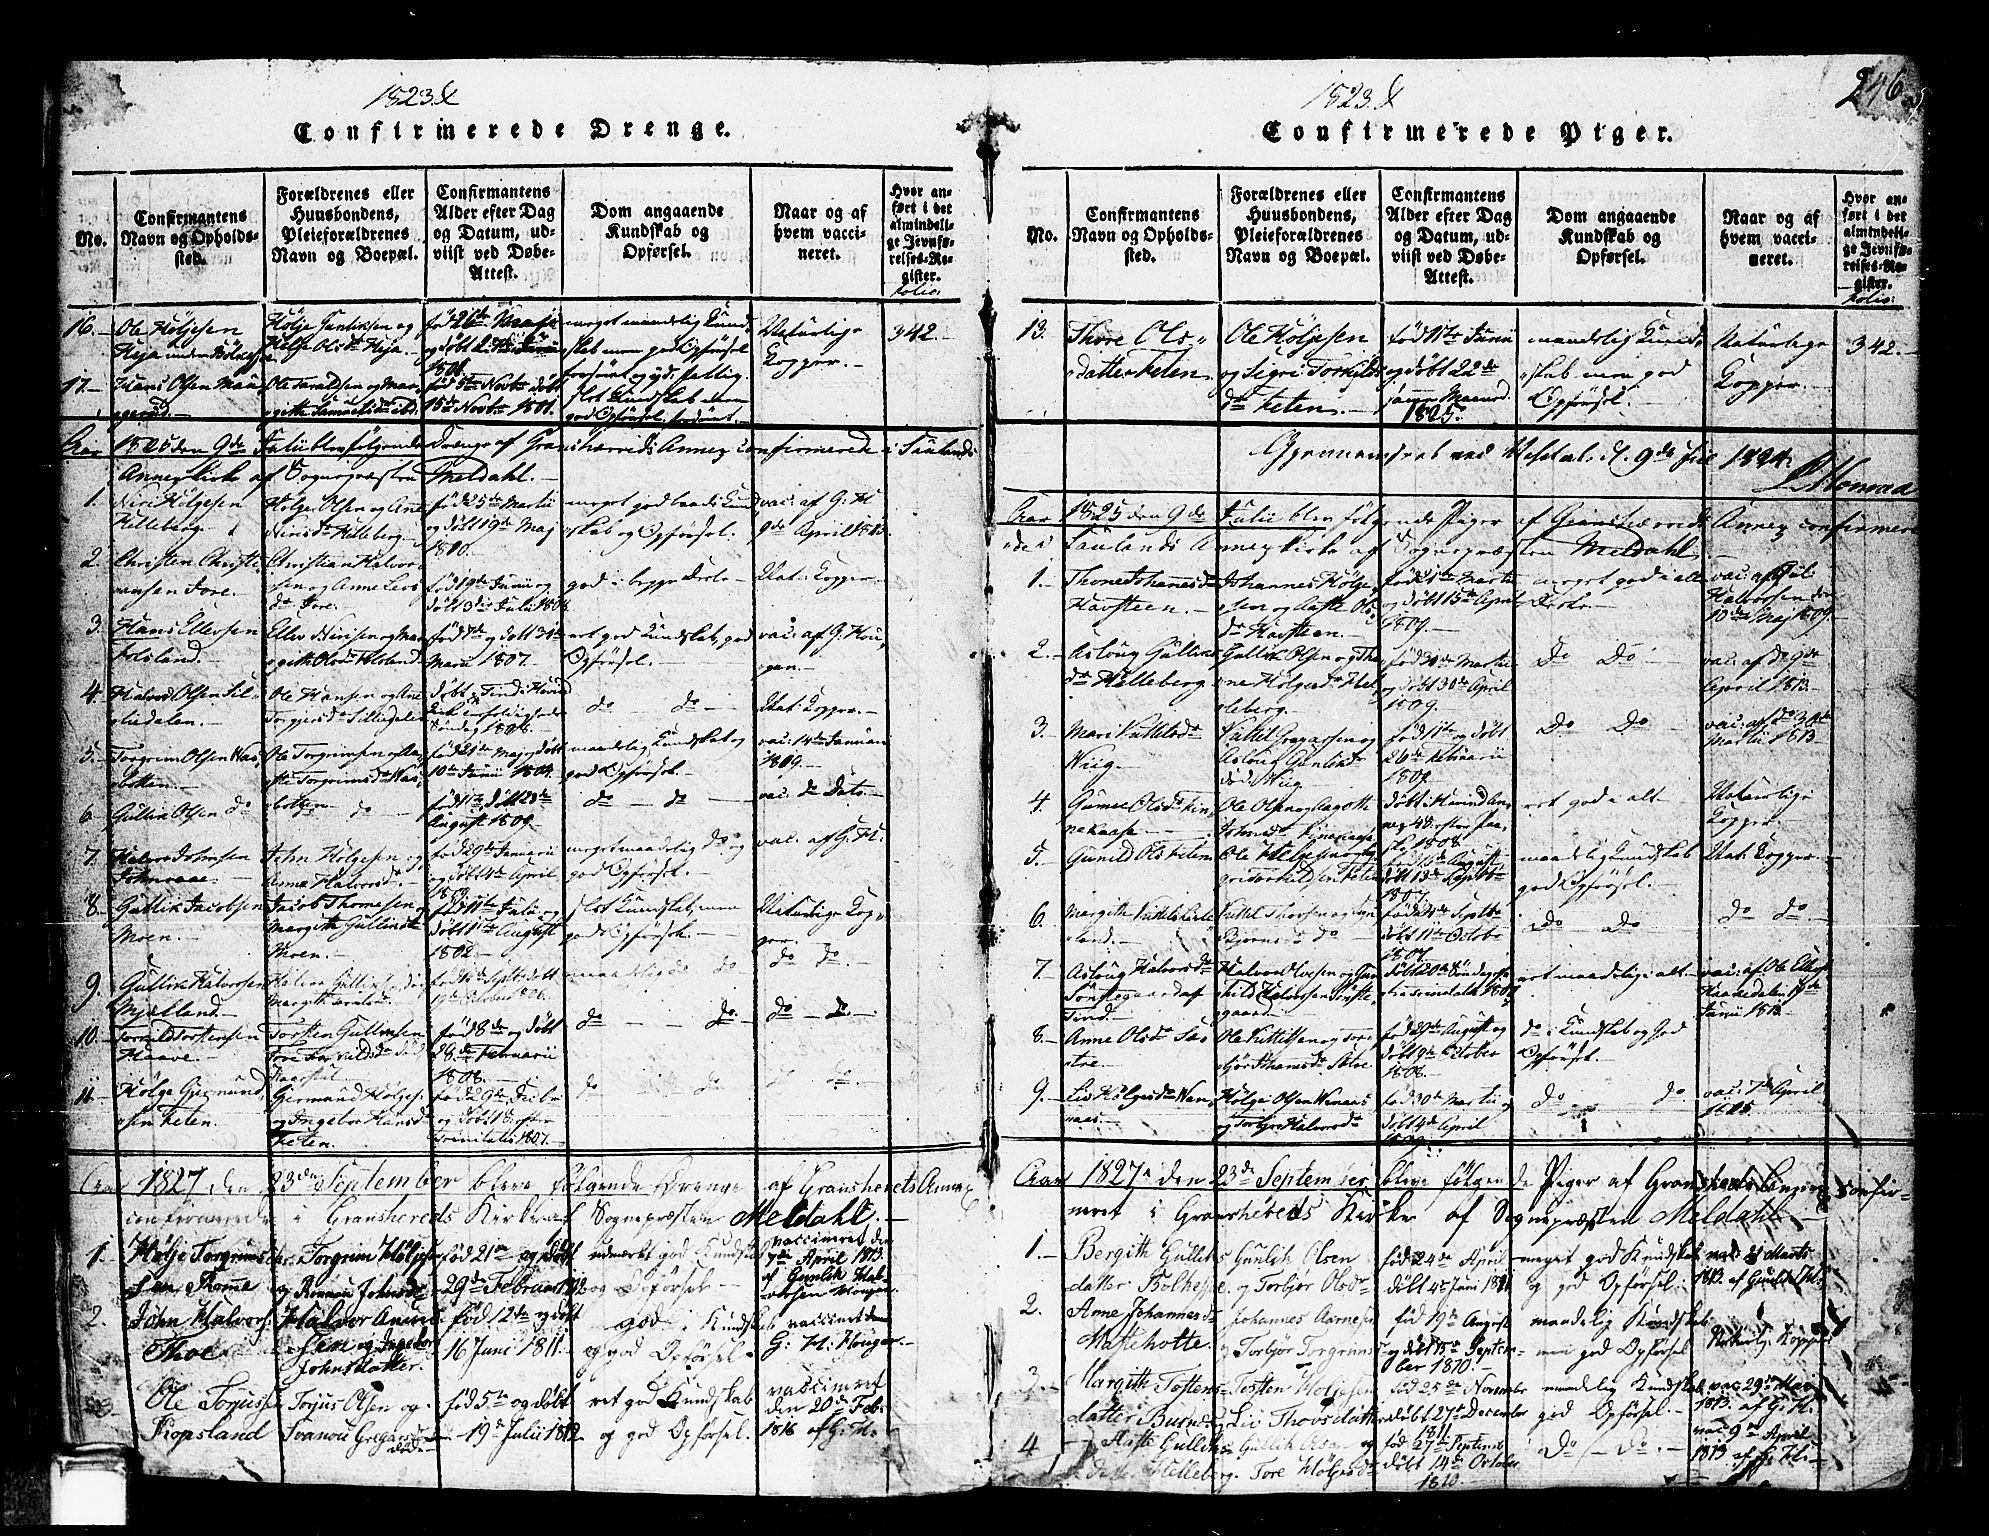 SAKO, Gransherad kirkebøker, F/Fa/L0001: Ministerialbok nr. I 1, 1815-1843, s. 246